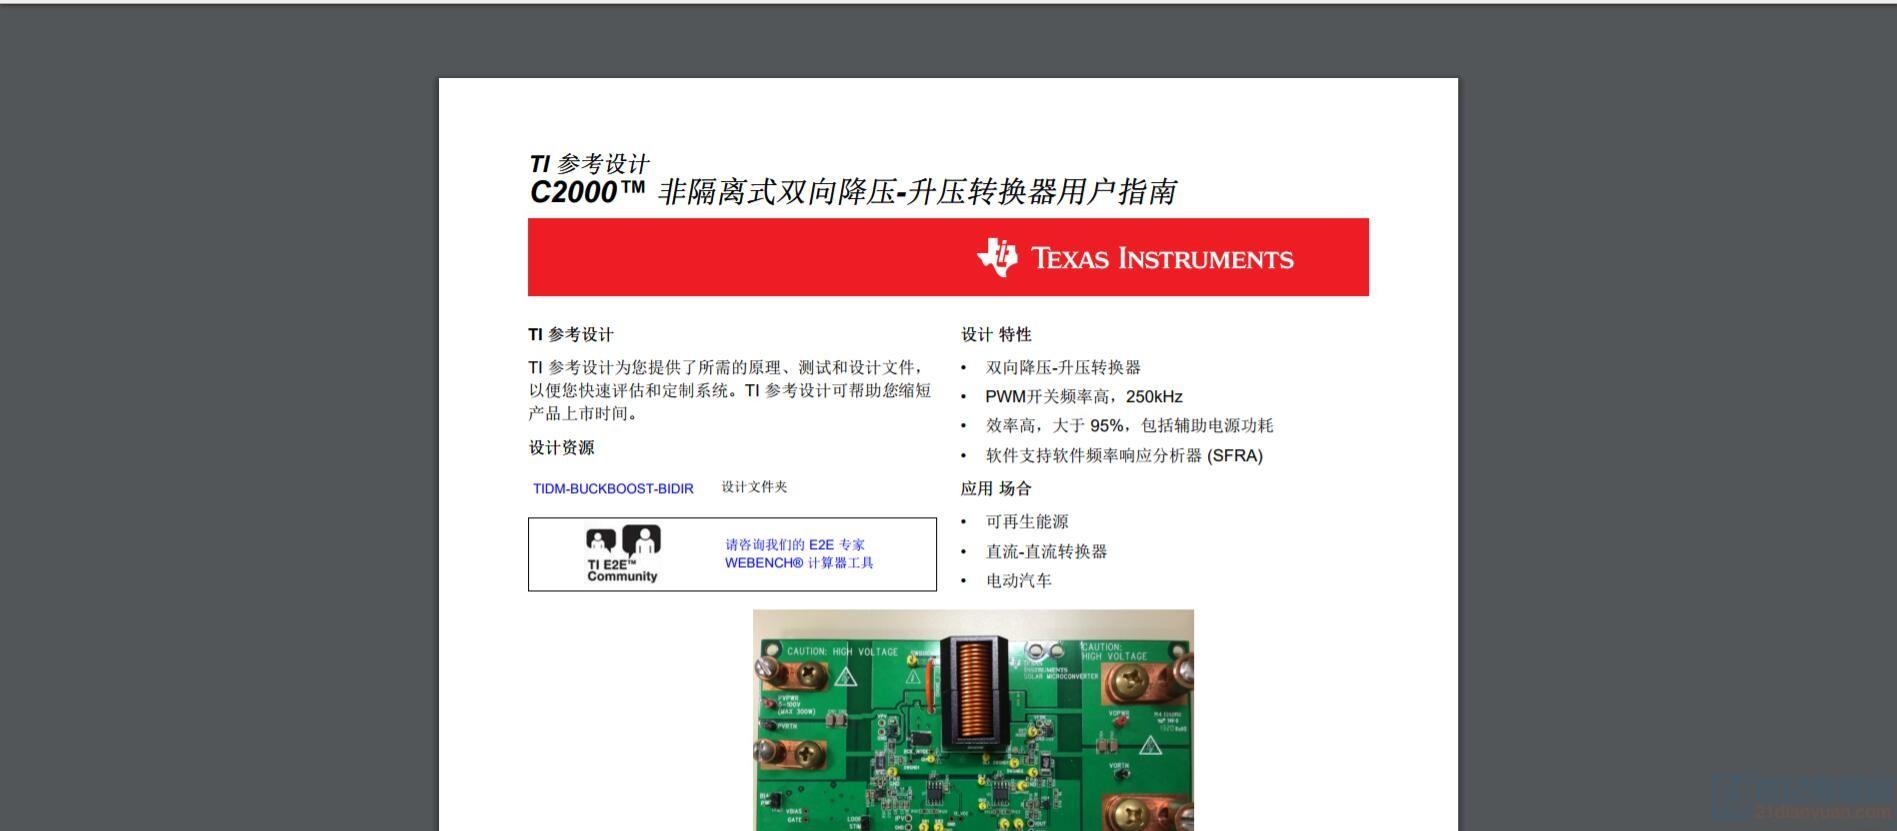 C2000™ 非隔离式双向降压-升压转换器用户指南.jpg